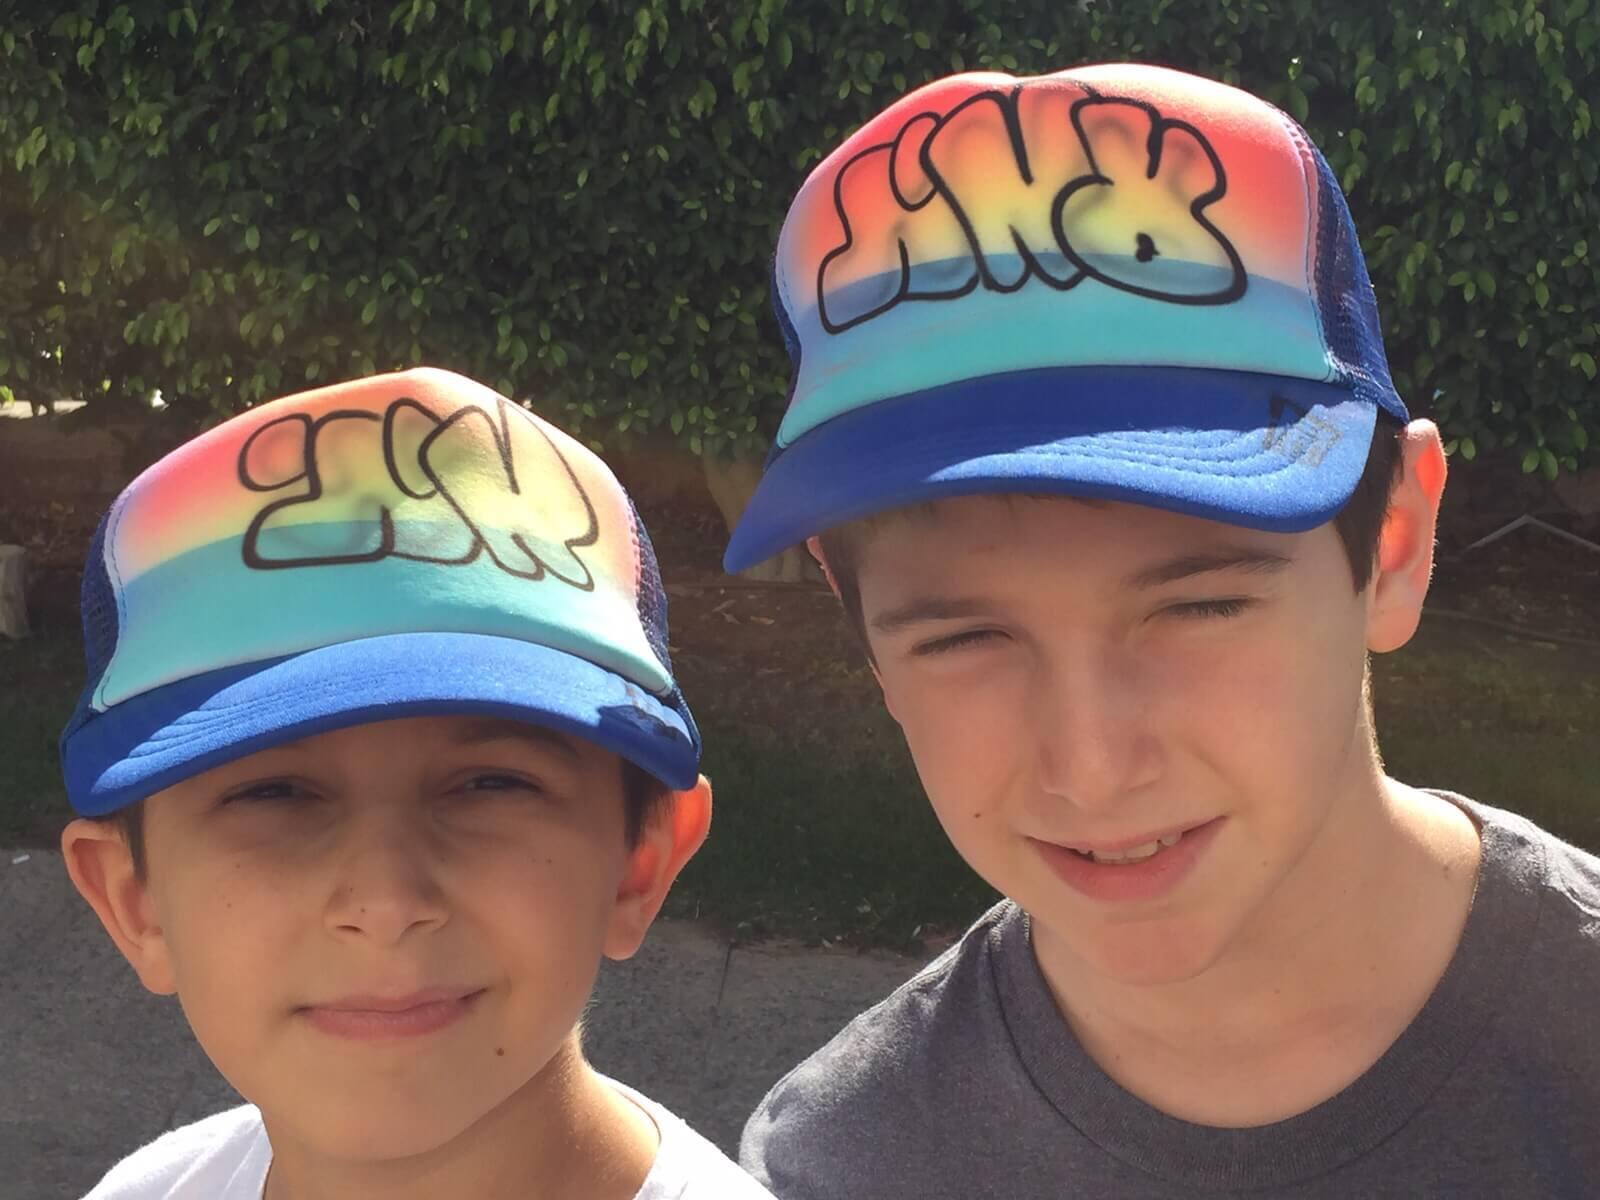 גרפיטי על כובעים לילדים